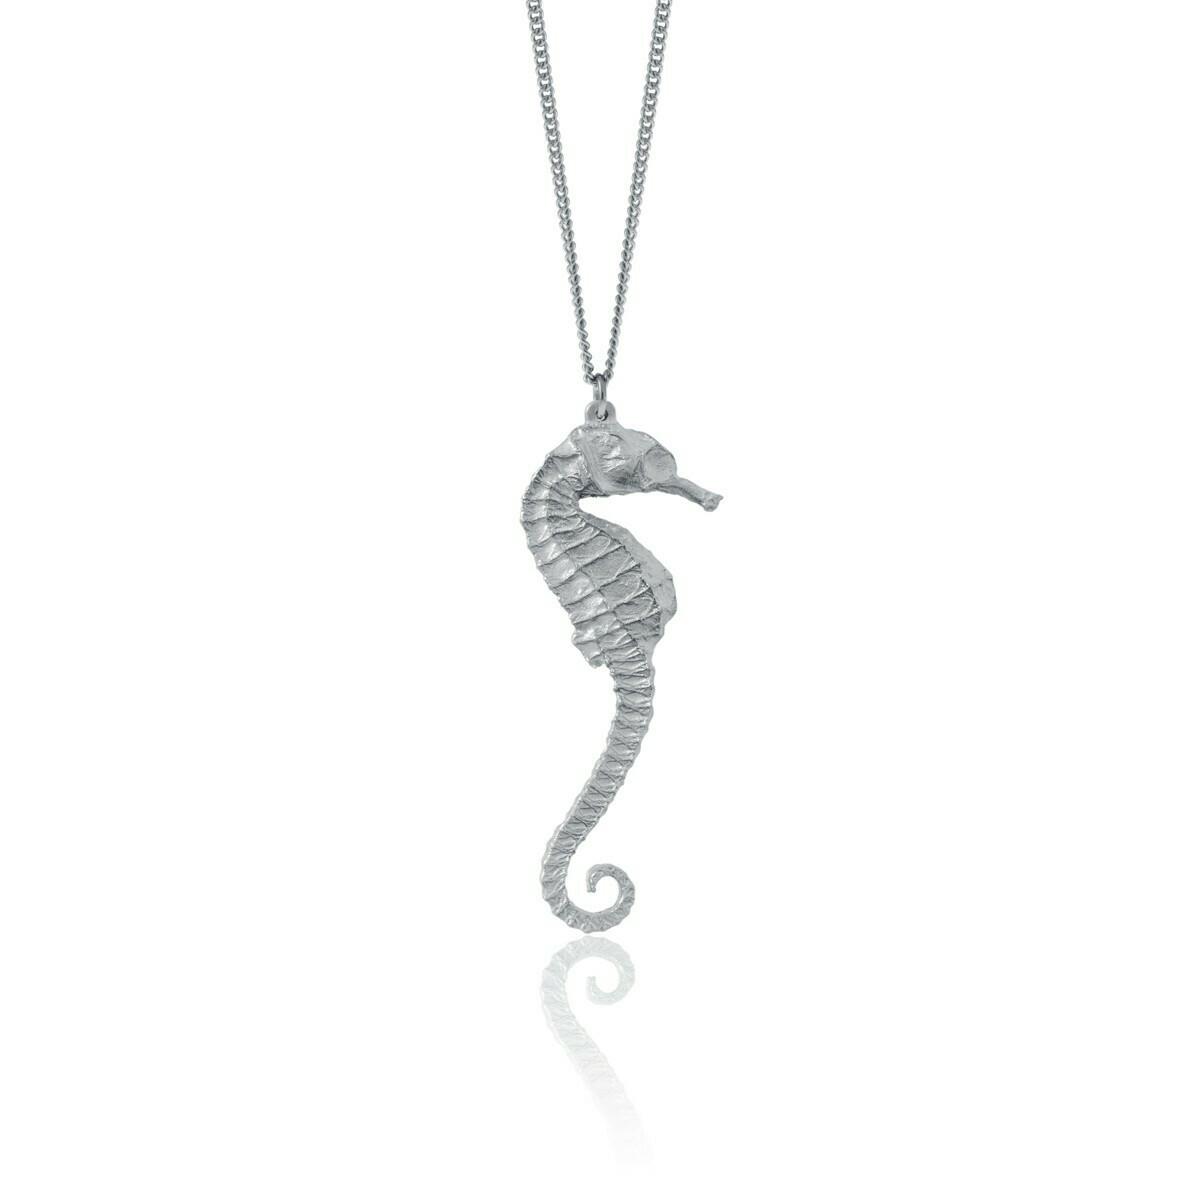 Seahorse Necklace - Amos